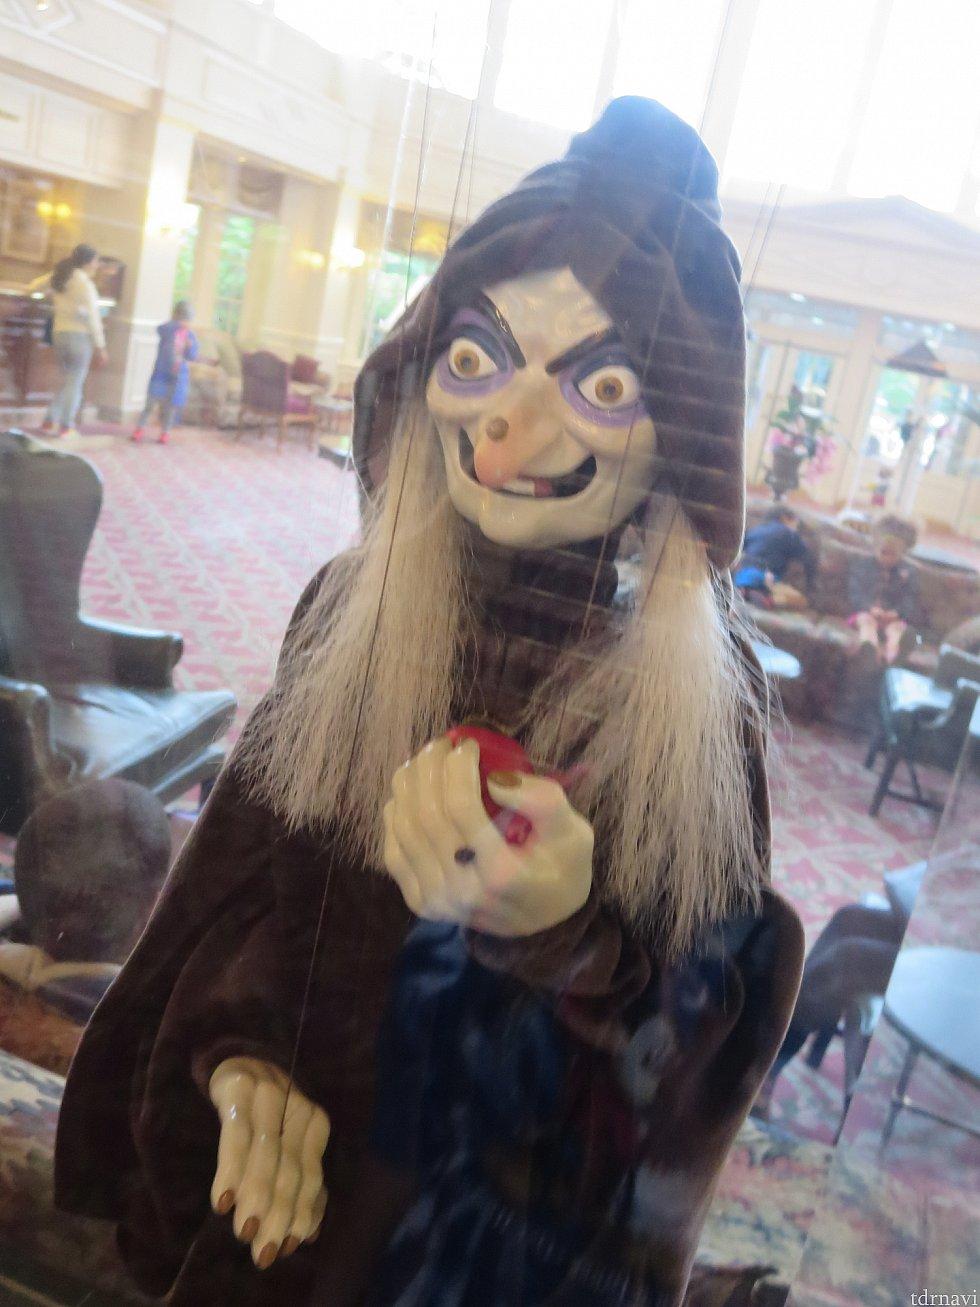 ホテルロビーにある人形。なぜこれをチョイスしたのか。笑